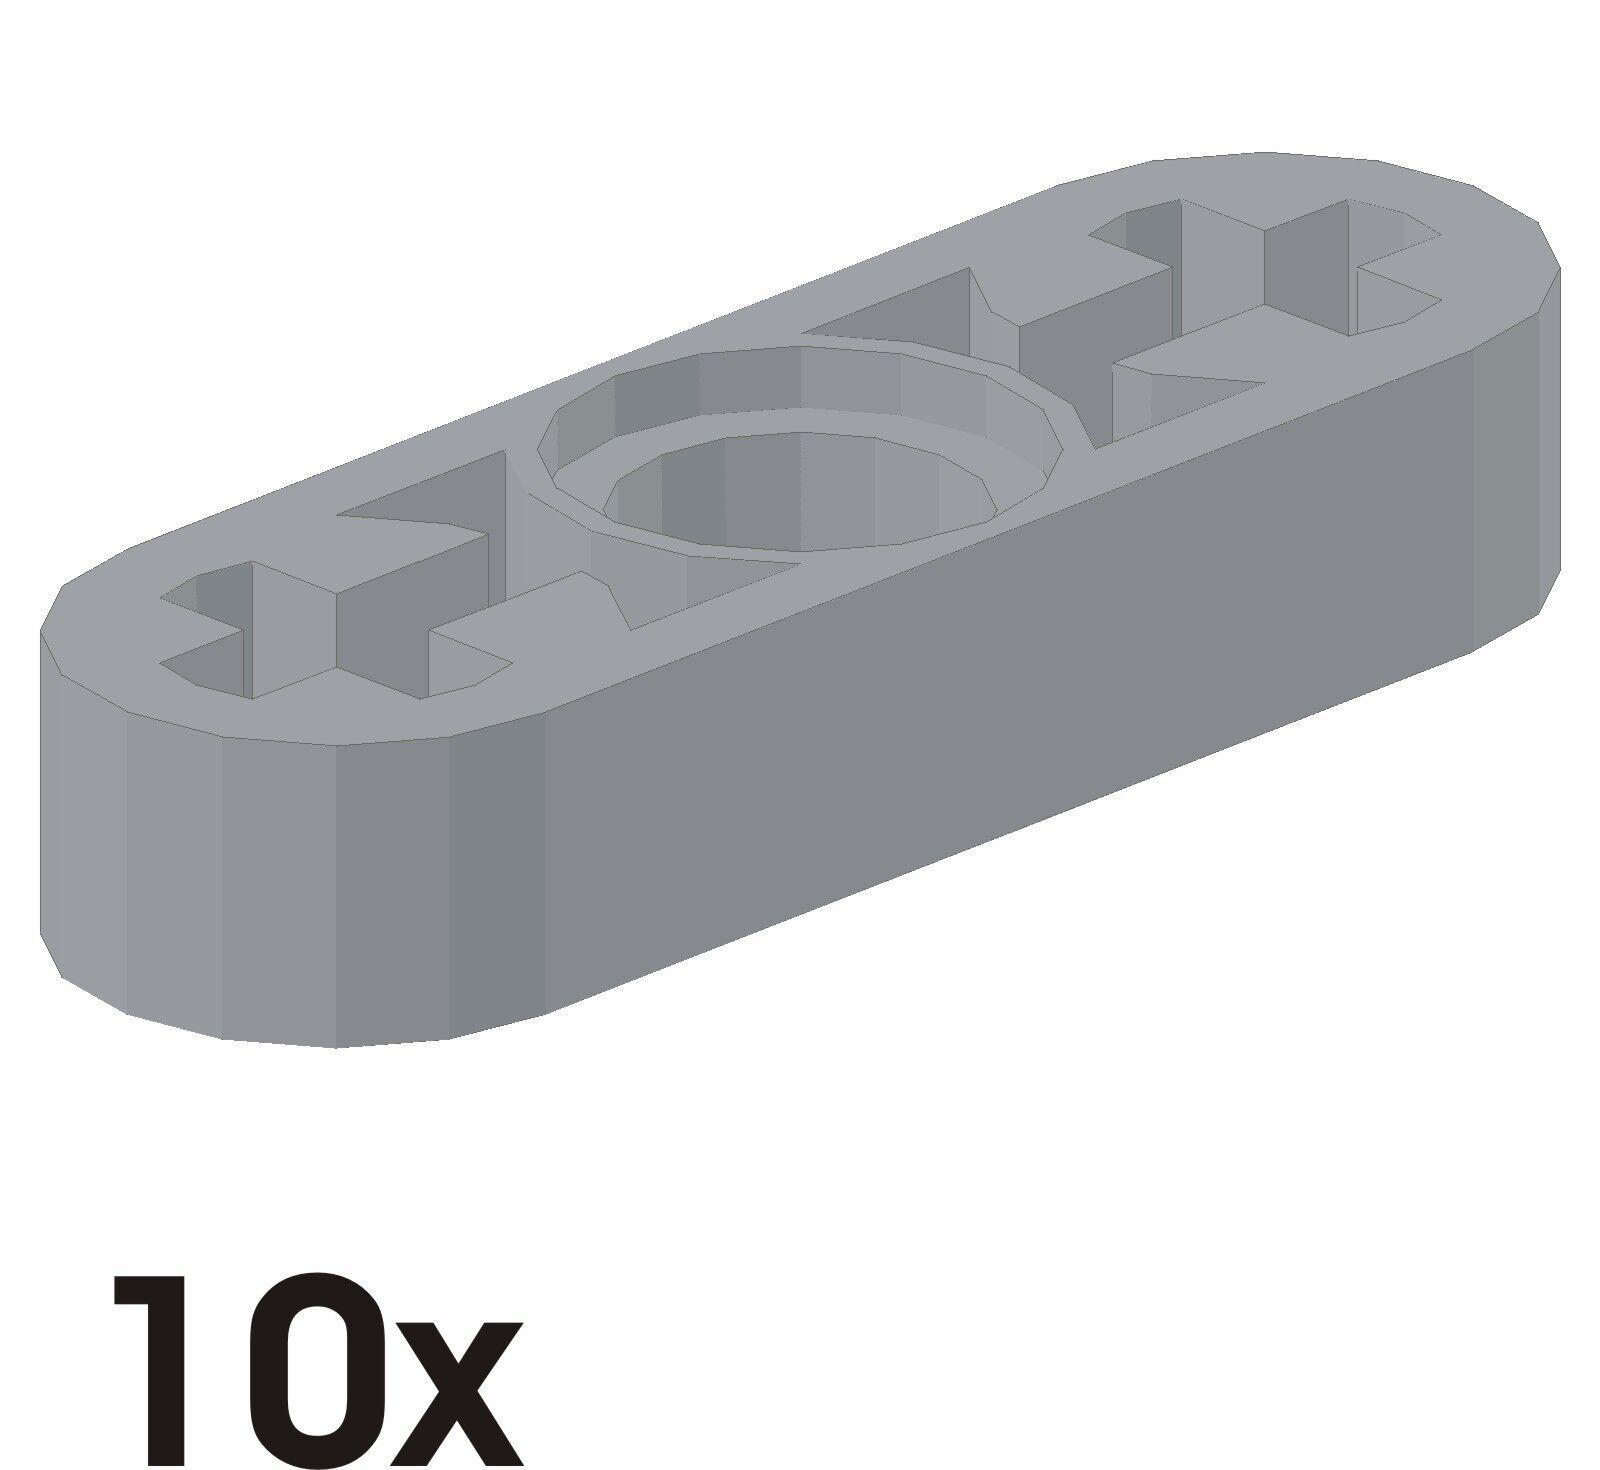 10 Pièce Nouvelle Liftarme 1x3x0,5 dans Alt-Gris clair clair clair 4107825 (6632) 160 3c4b11